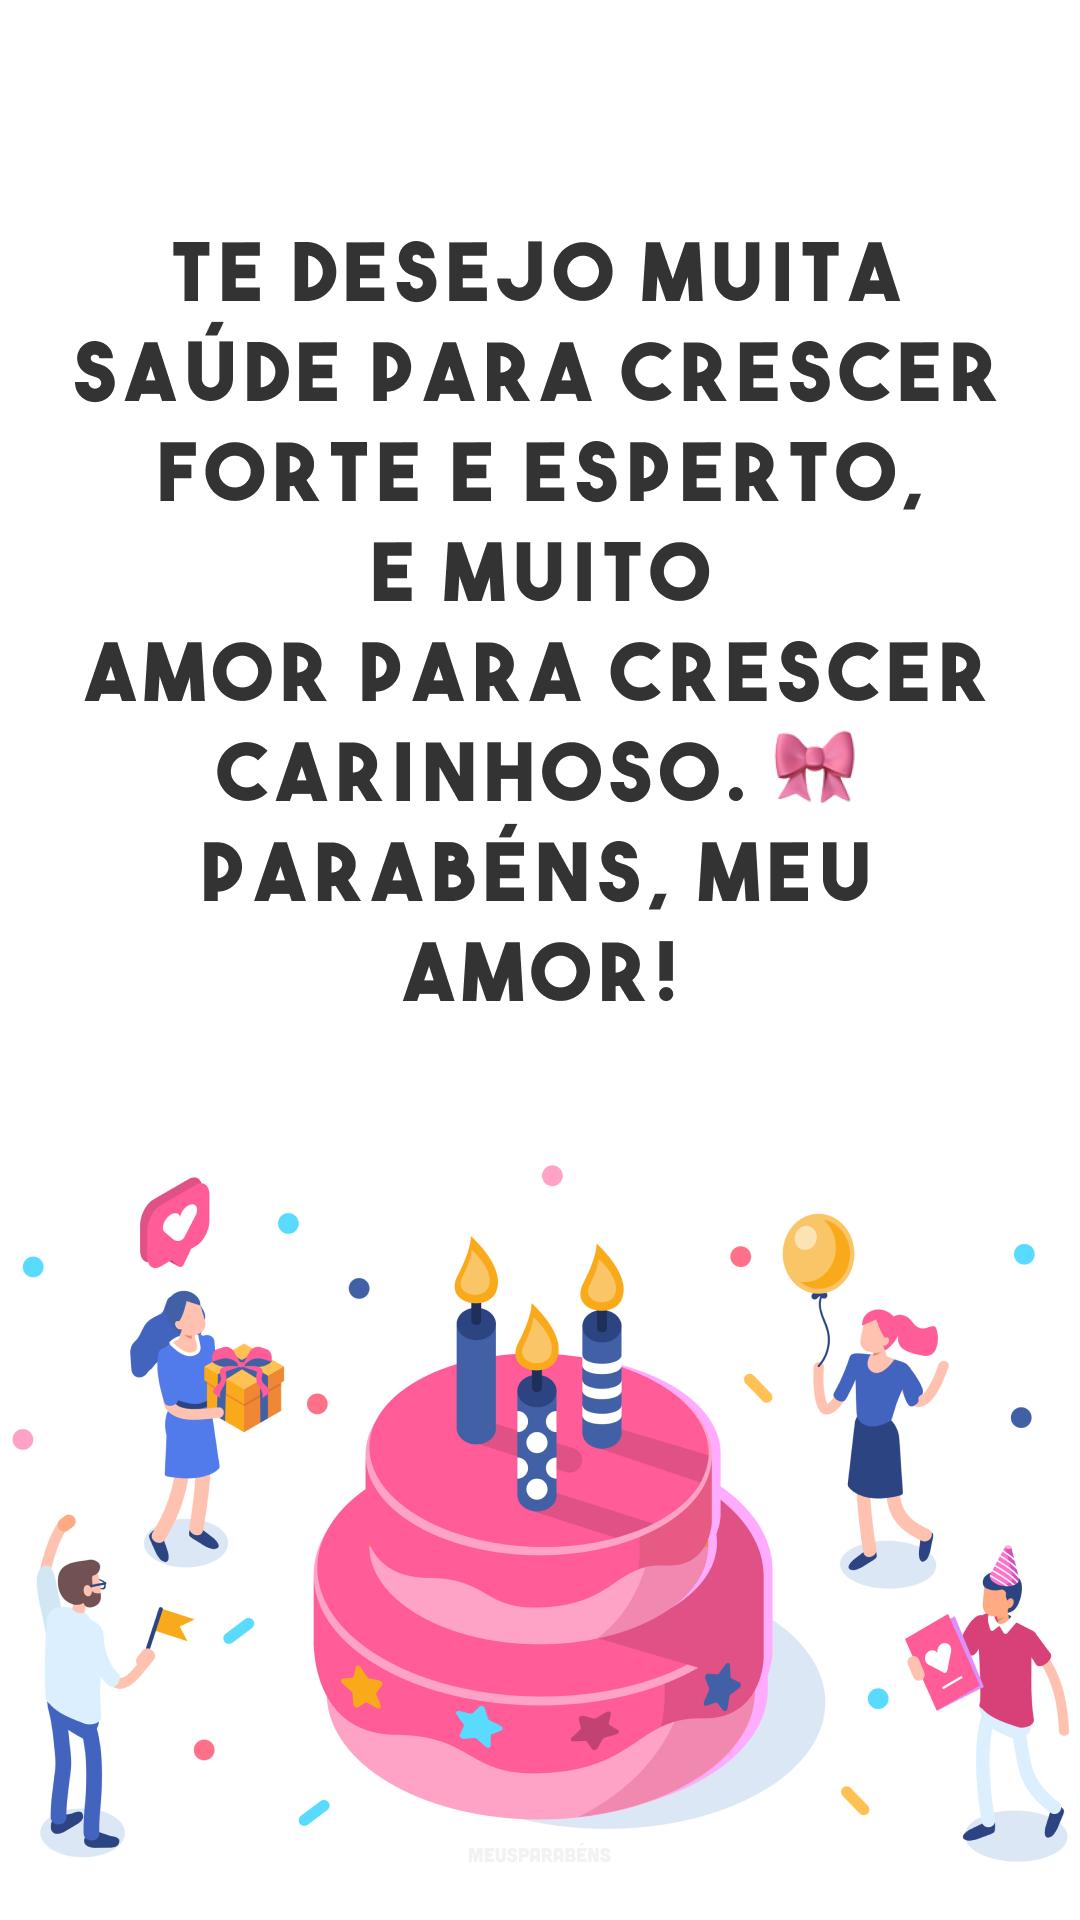 Te desejo muita saúde para crescer forte e esperto, e muito amor para crescer carinhoso. 🎀 Parabéns, meu amor!